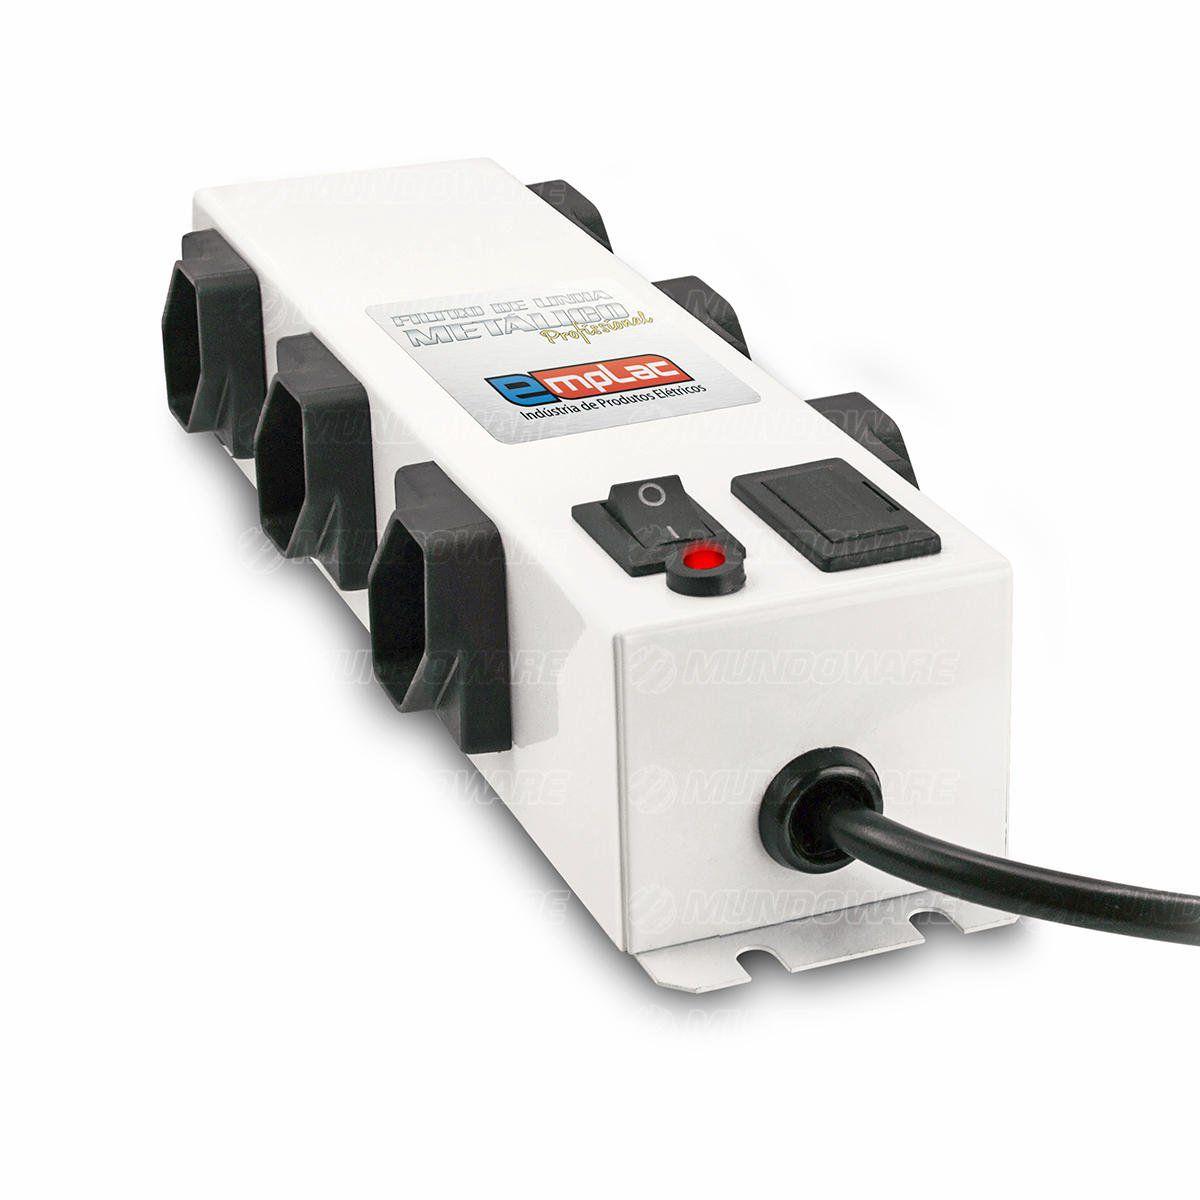 Filtro de Linha Metálico Protetor Eletrônico Profissional Bivolt 6 Tomadas 10A Cabo de 1 metro Emplac F50097